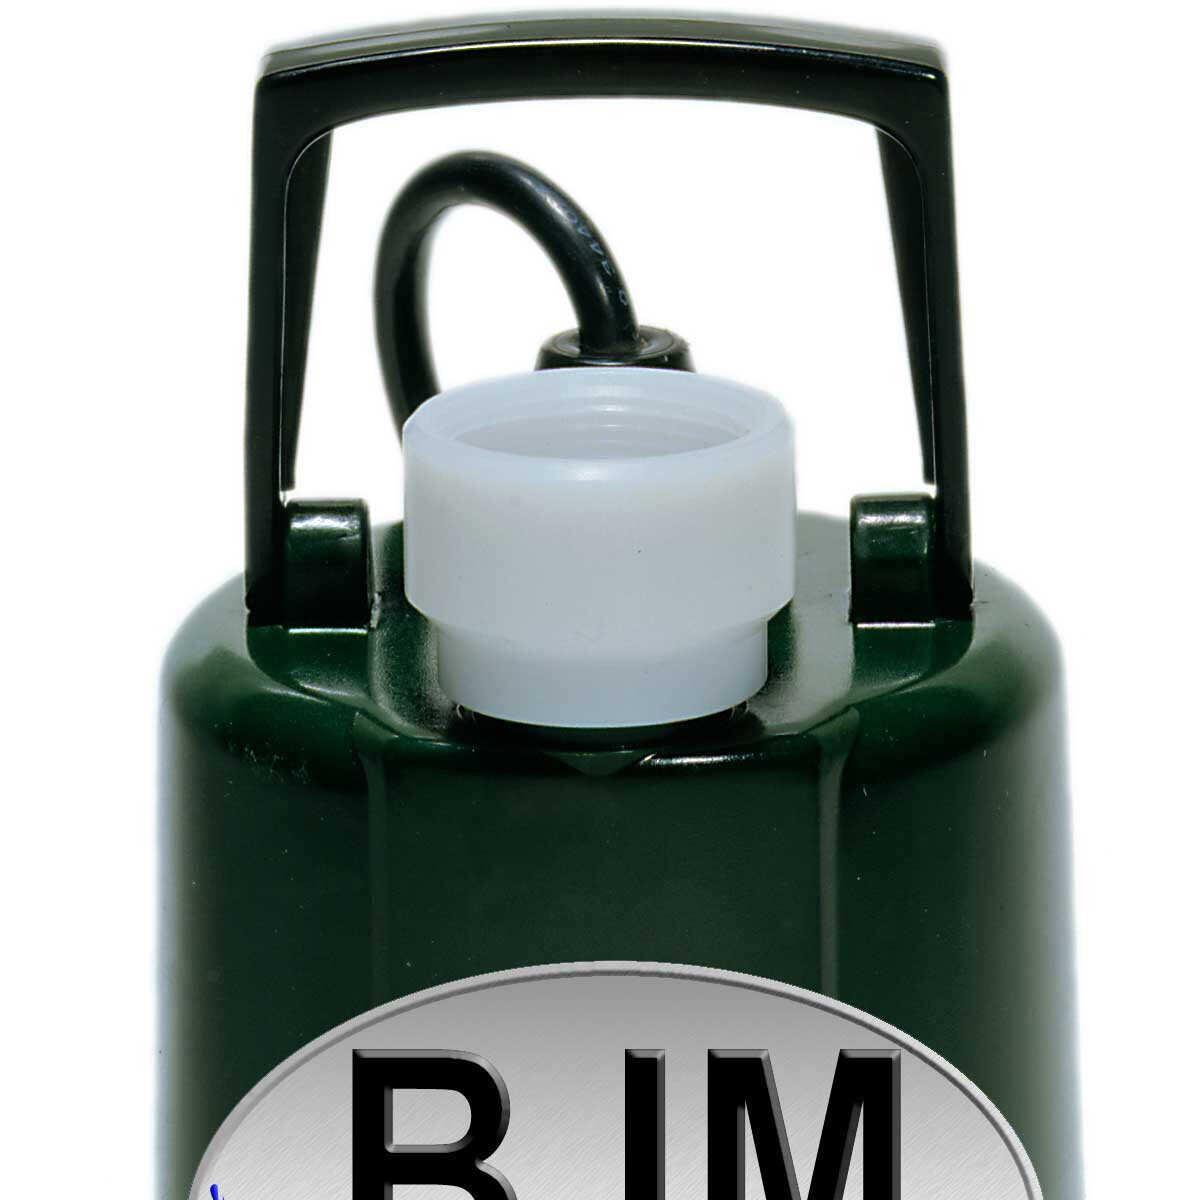 BJM R100-115 Water Pump Handle